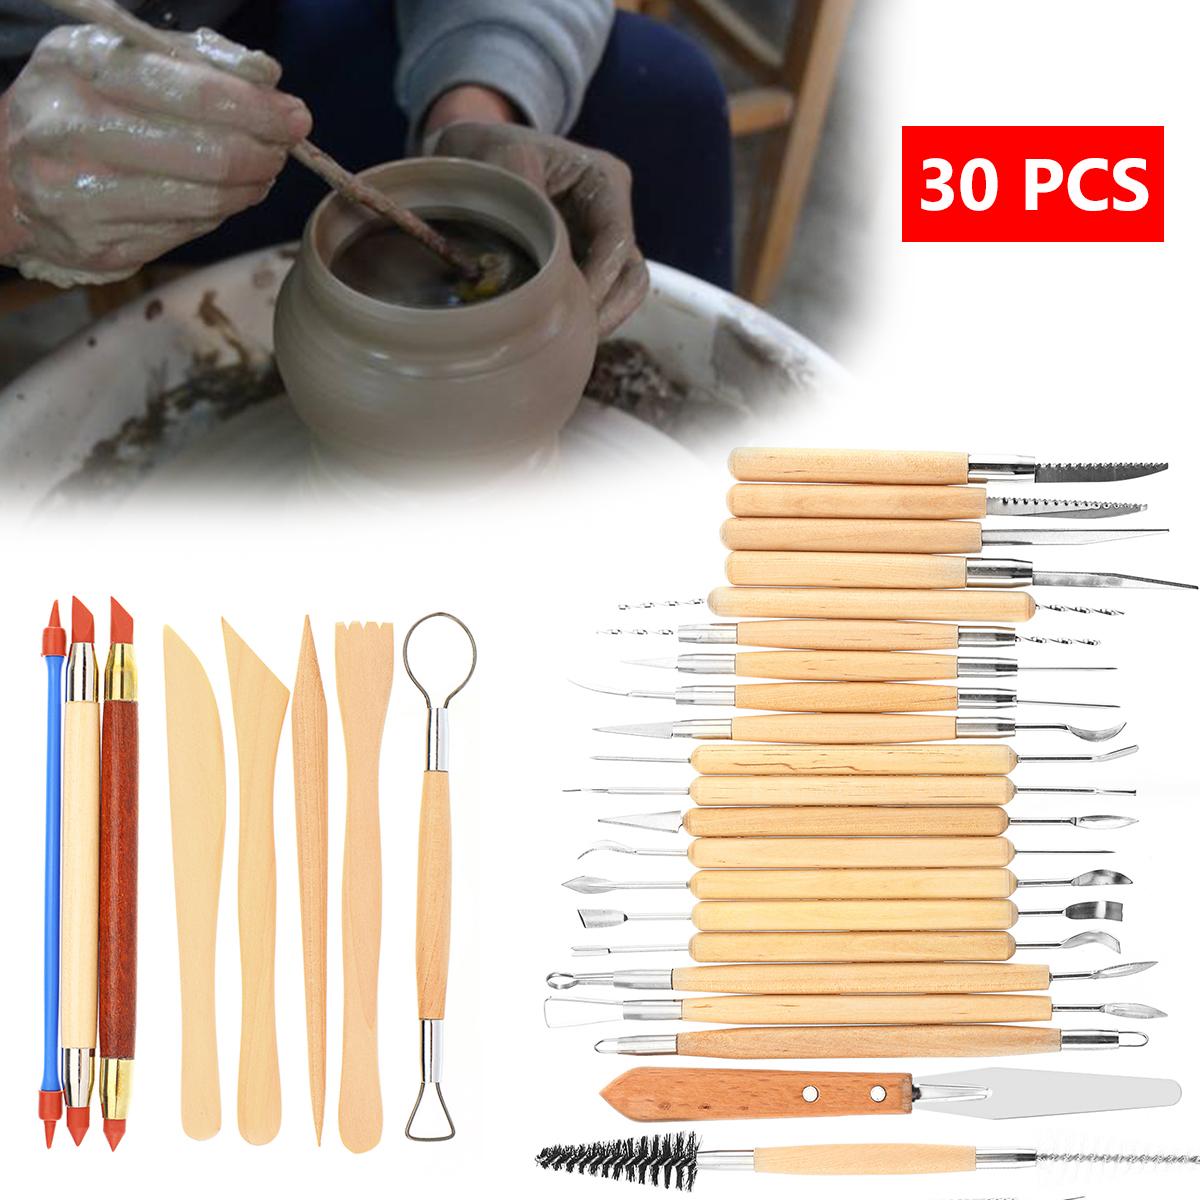 30 Pcs Sculpture Tools Clay Carving Set Modeling Tools Wooden Sculpture Knife